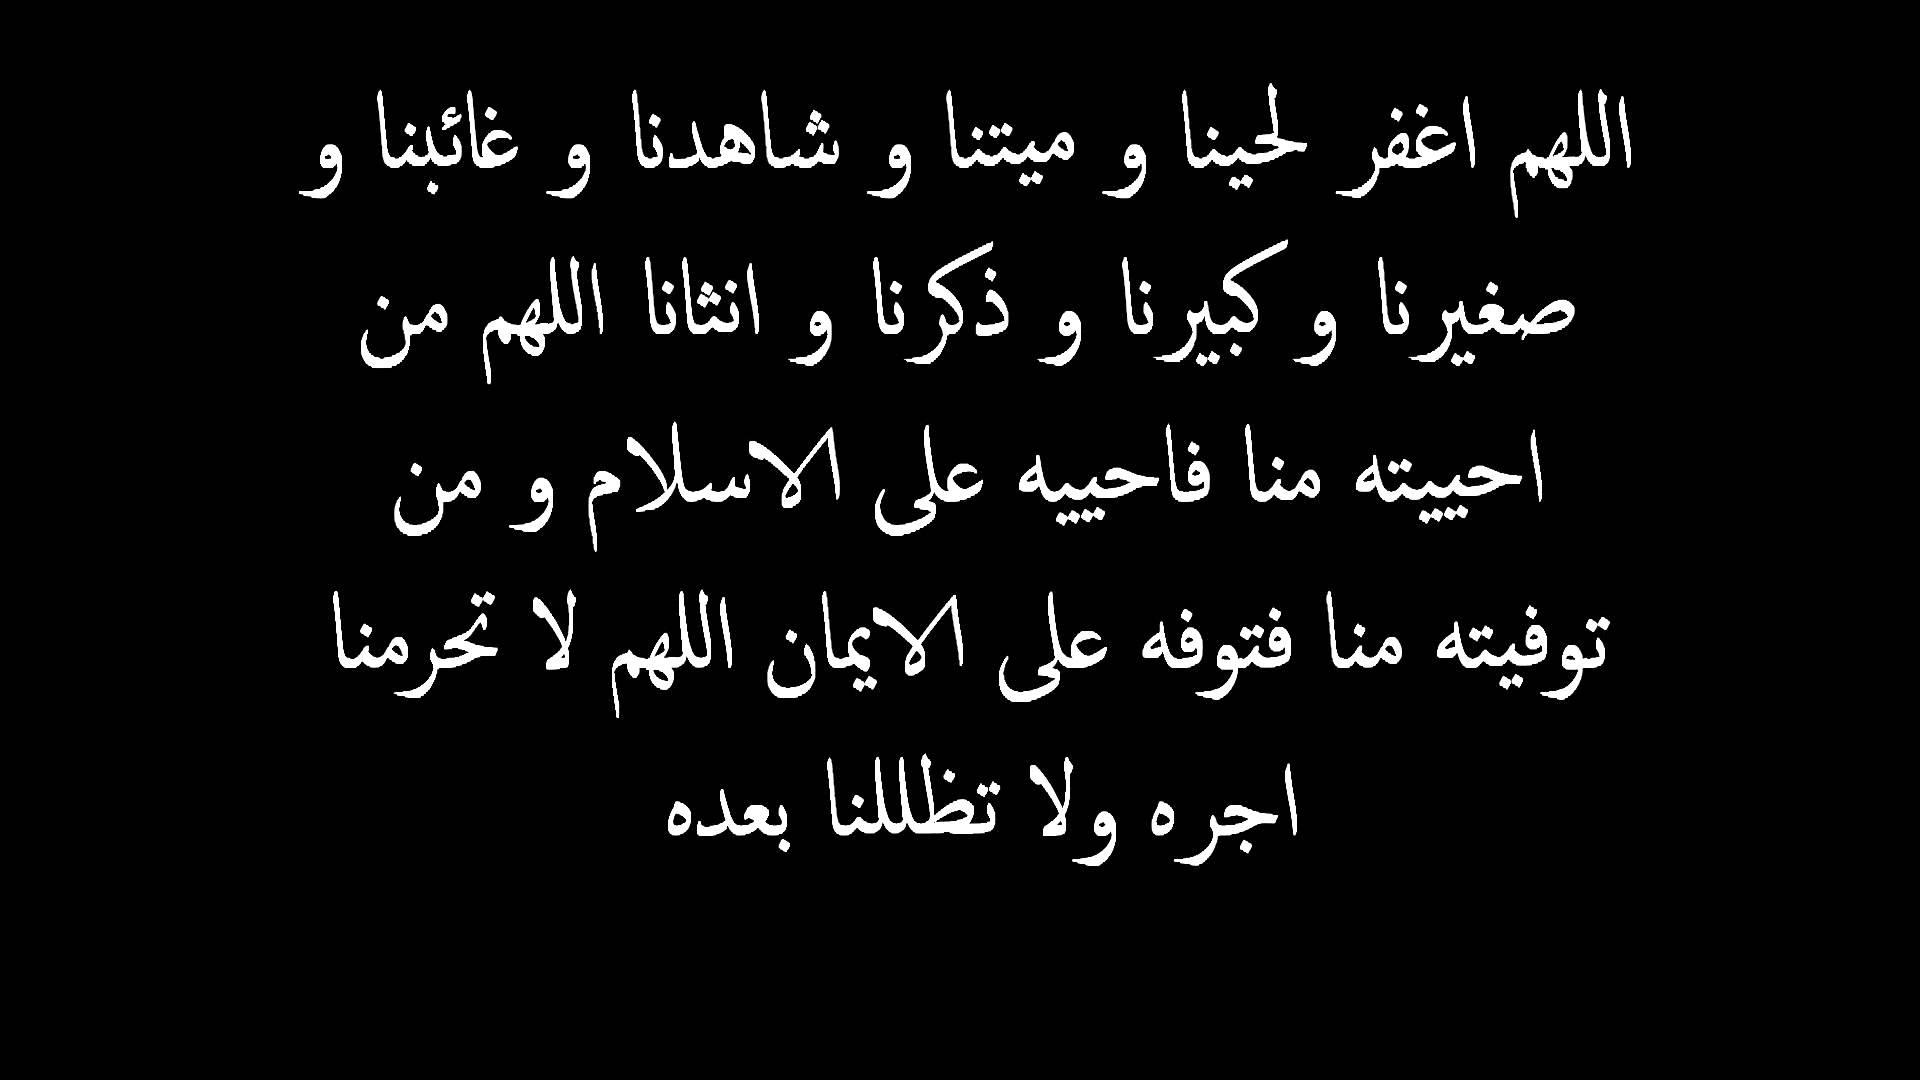 بالصور اللهم ارحم المسلمين جميع موتانا وموتى 4e2c8bd5ae8c696d2b0ebaf6af5ab5c9